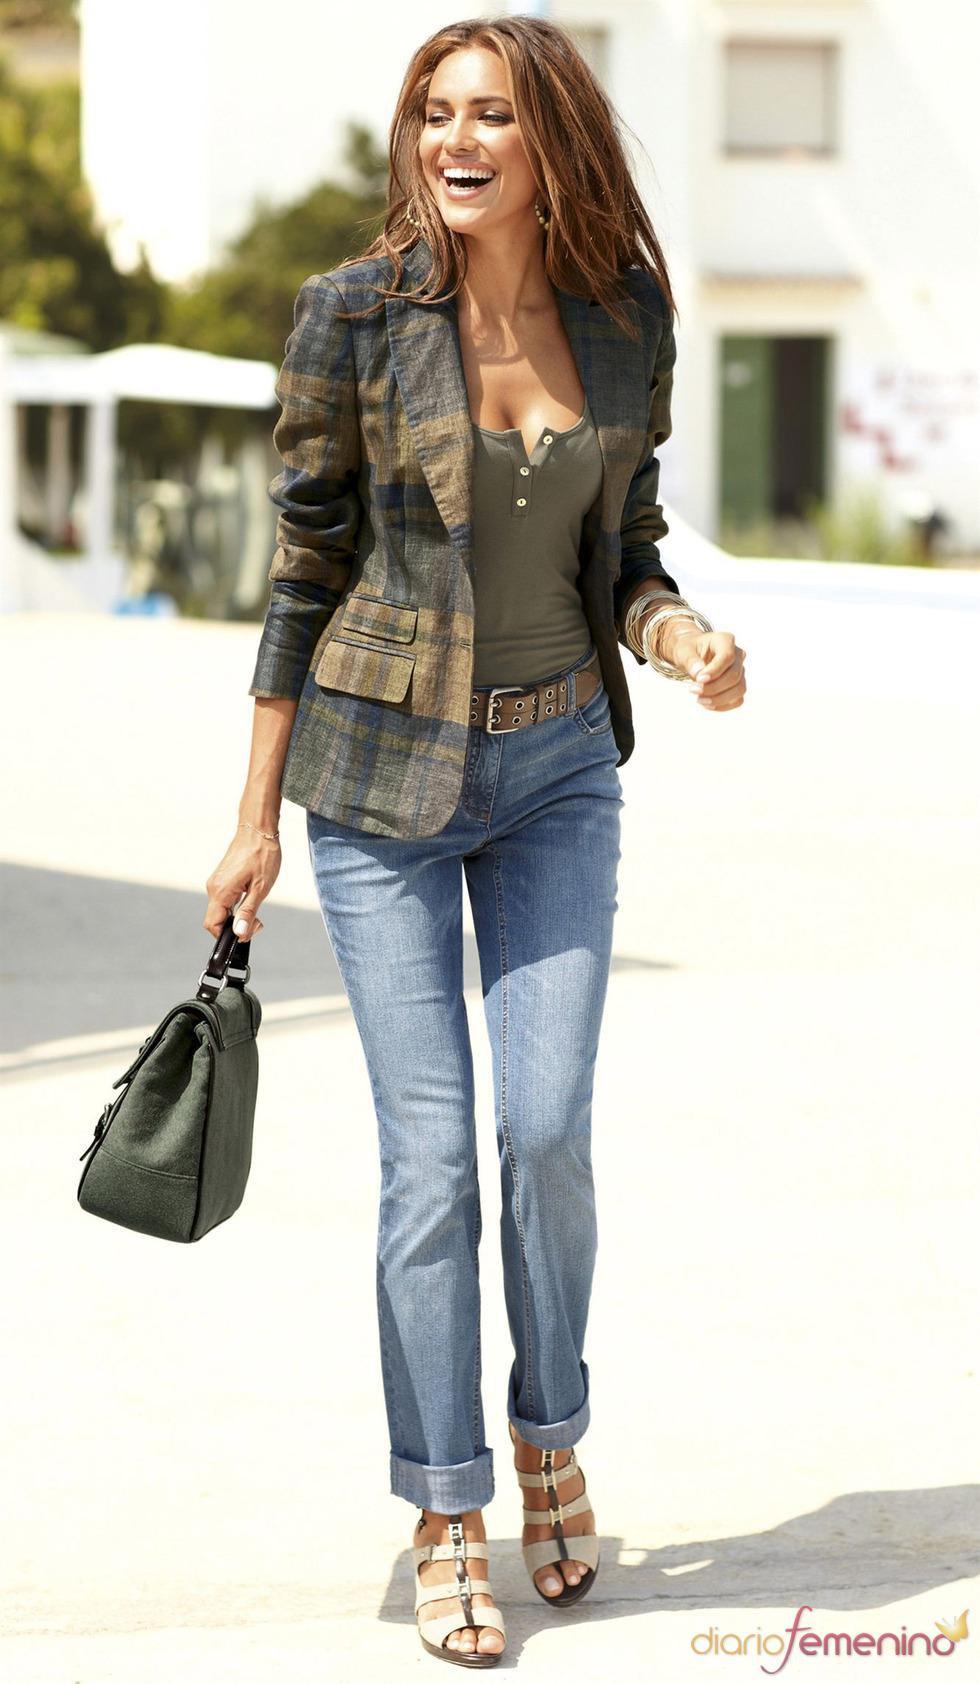 Irina shayk vestido con ropa informal de la primavera 2011 - Sara carbonero ropa vogue ...